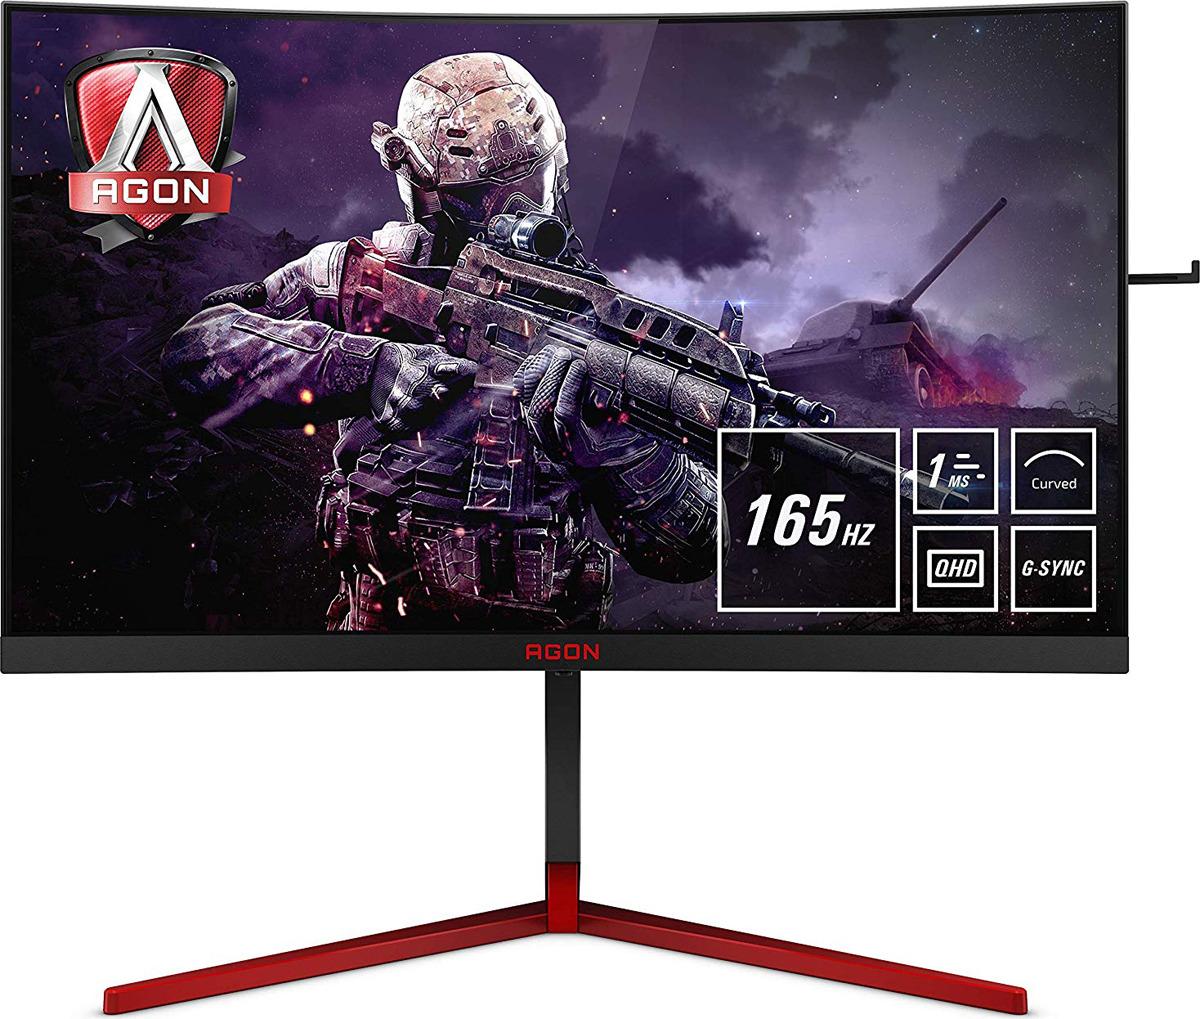 Монитор AOC Gaming, 27, AG273QCG, черный монитор aoc gaming g2790px 27 черный красный и черный